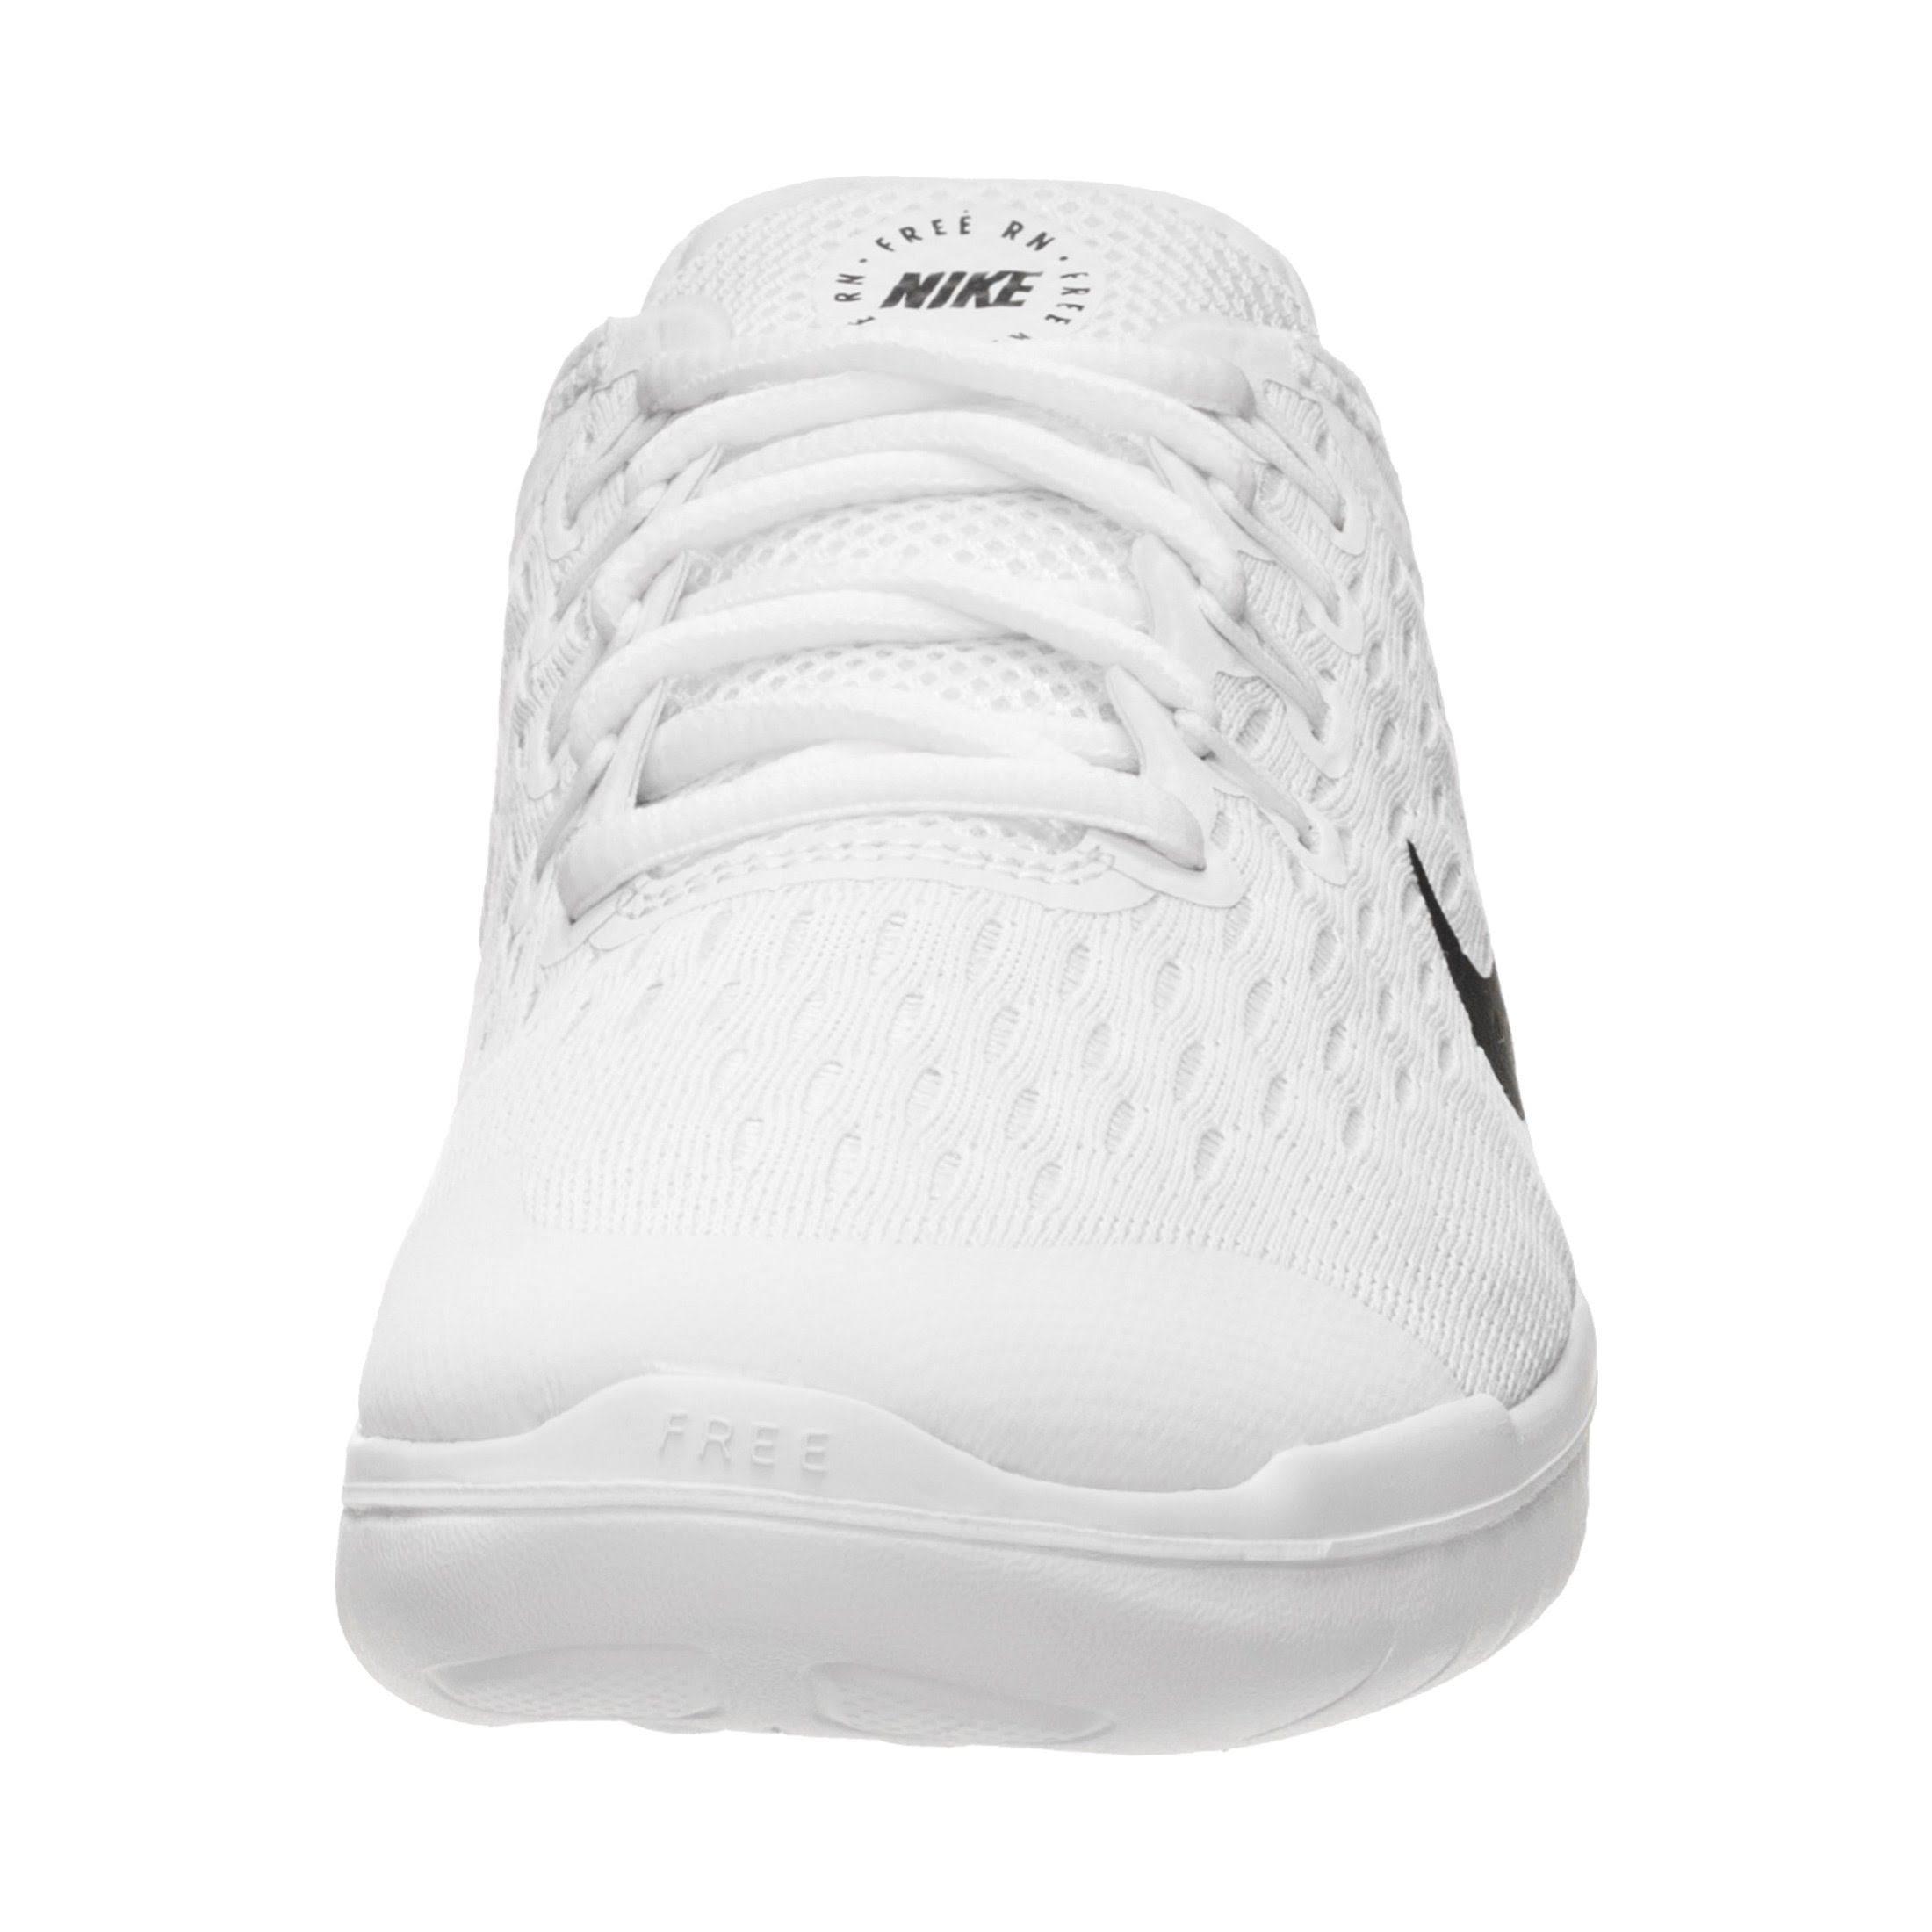 Free Größe Weiß 2018 38 In Nike Laufschuhe Kinder Rn Silber HESxwZq